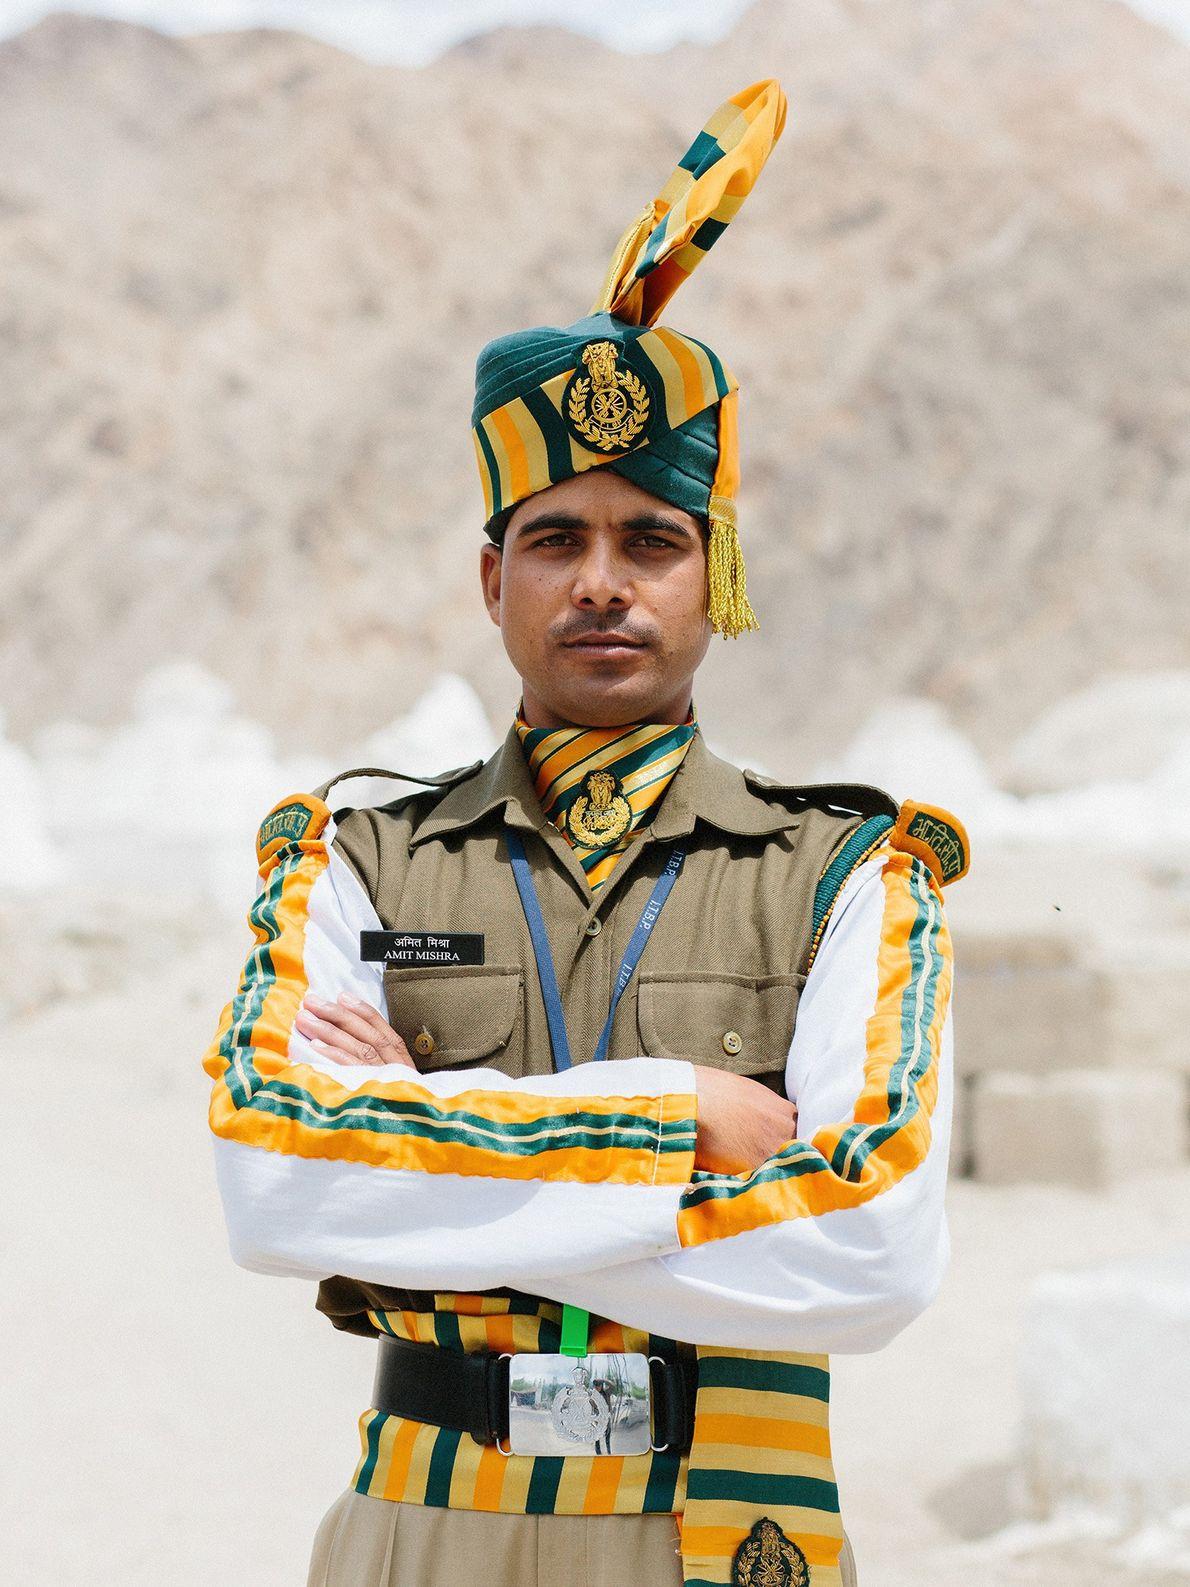 Indien hat weiterhin eine Militärpräsenz im Bundesstaat Jammu und Kaschmir, der sich im Mittelpunkt eines Territorialkonflikts ...